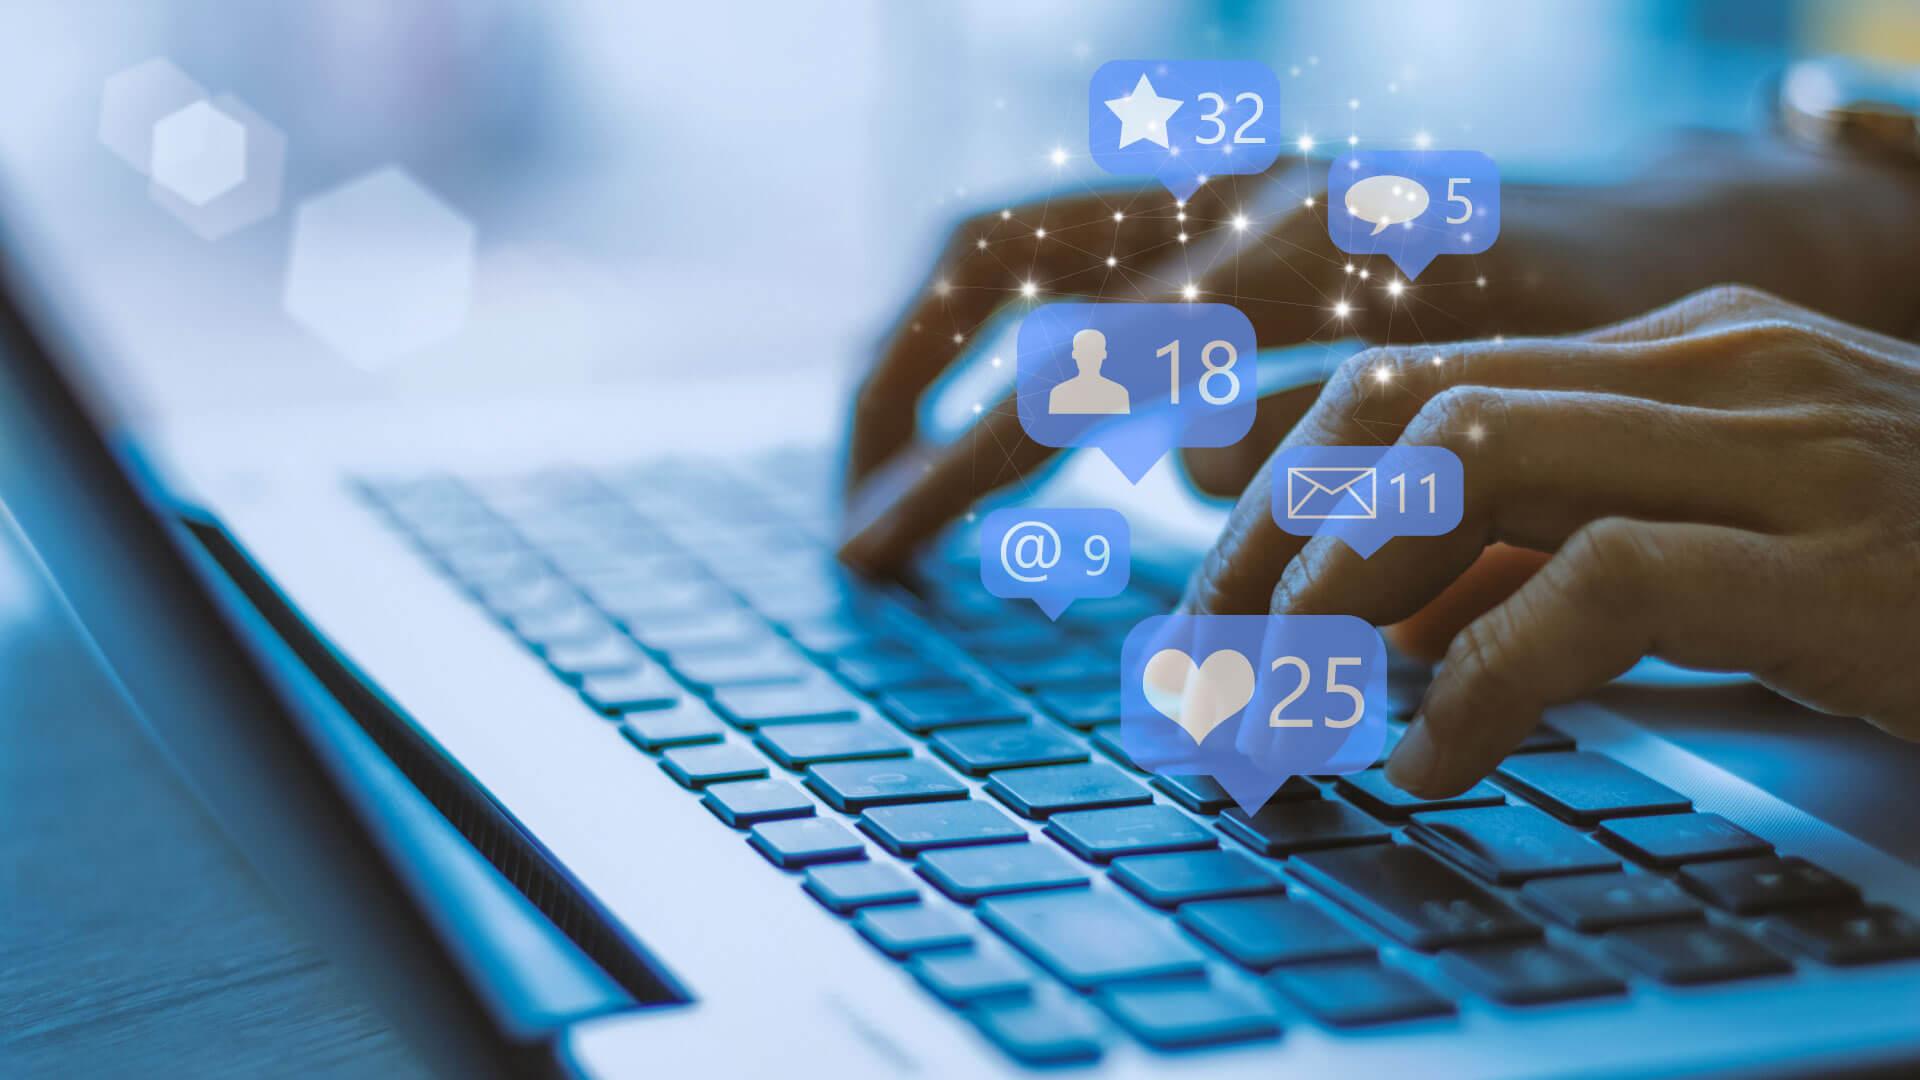 Cómo utilizar las redes sociales para impulsar tu negocio